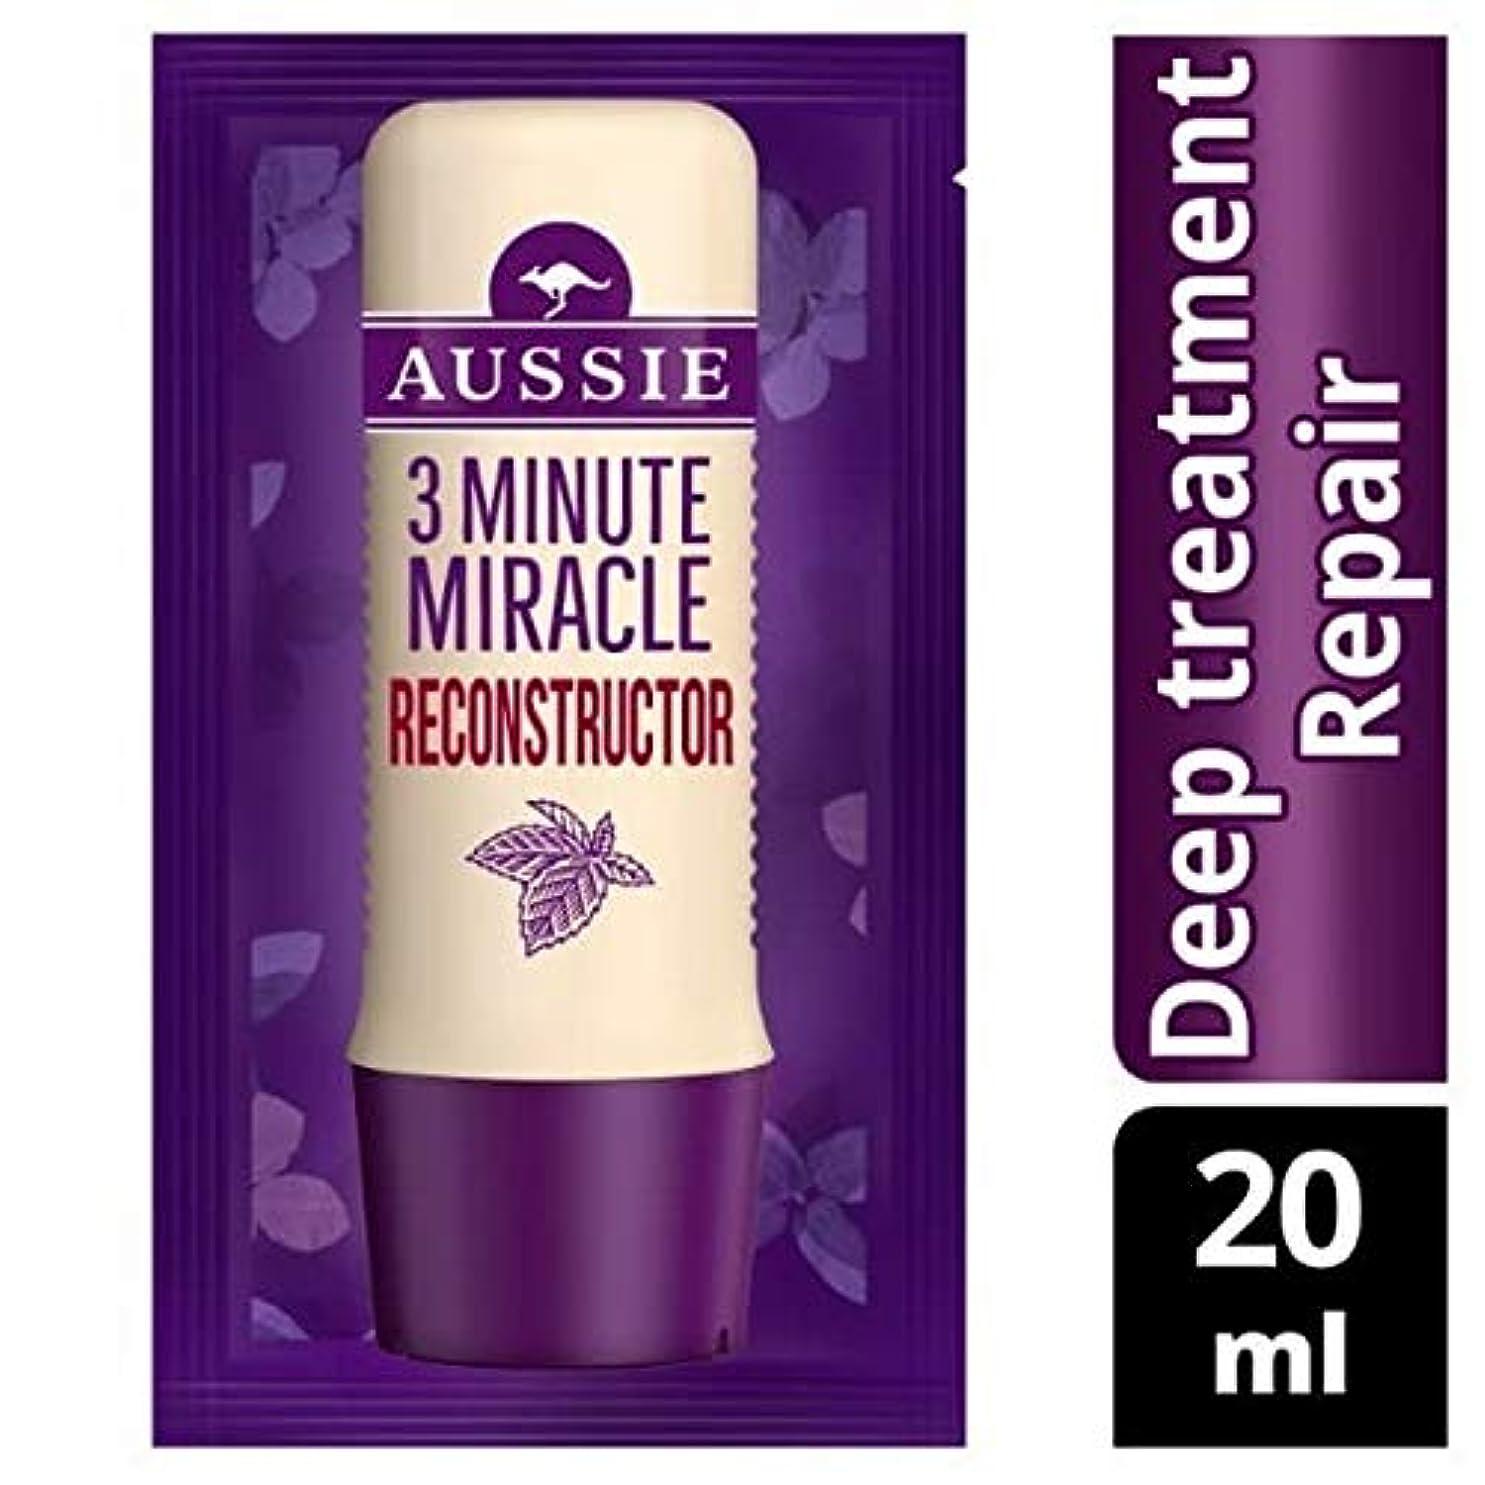 請求可能発信お母さん[Aussie ] オーストラリアの深い治療3分の奇跡の再構成の20ミリリットル - Aussie Deep Treatment 3 Minute Miracle Reconstructor 20ml [並行輸入品]